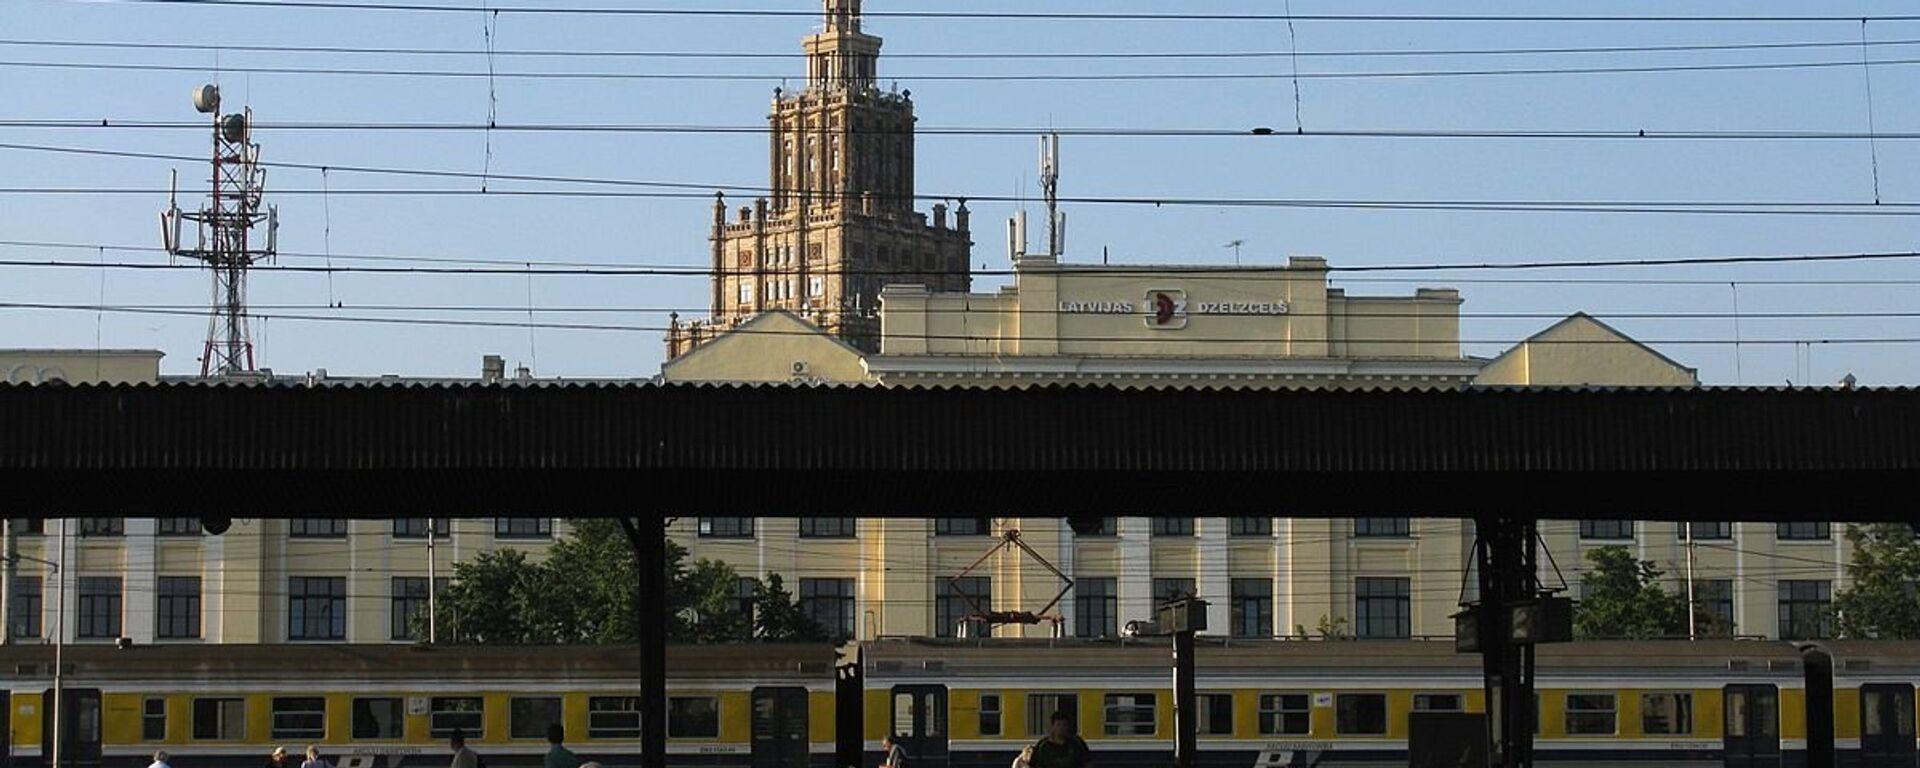 Железнодорожная станция Рига-Пассажирская - Sputnik Латвия, 1920, 10.09.2021